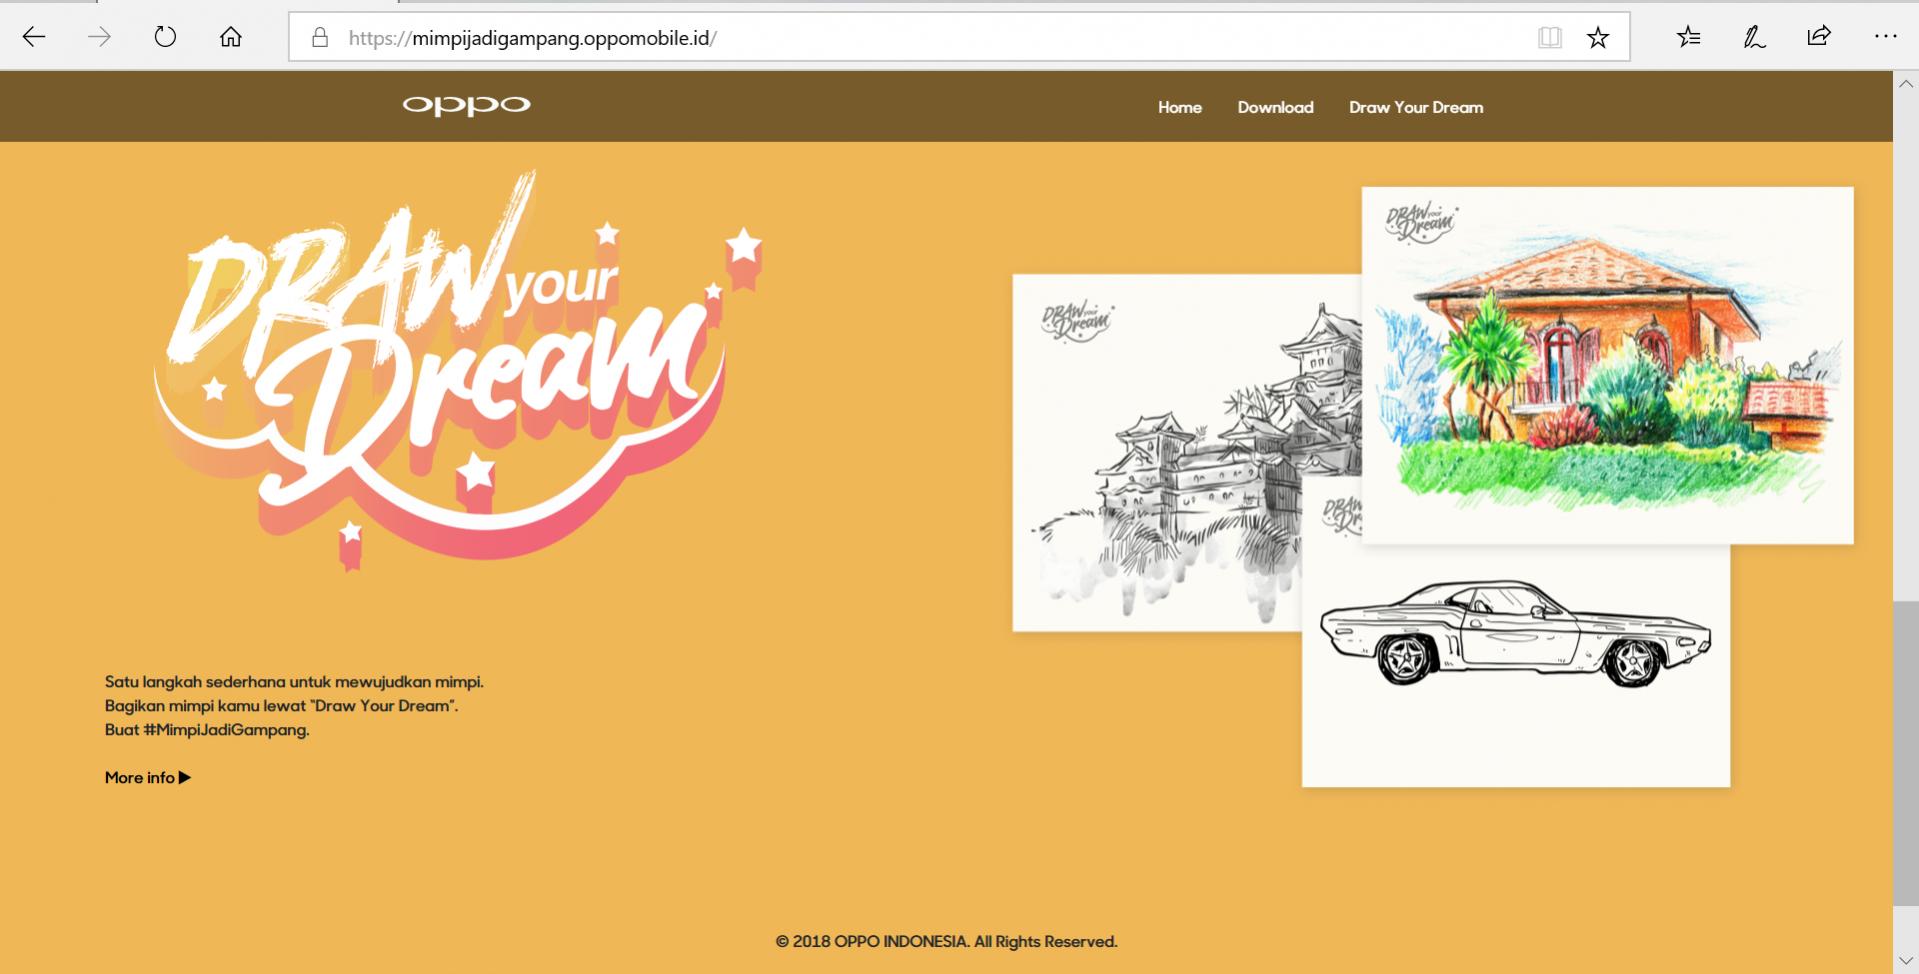 situs #MimpiJadiGampang